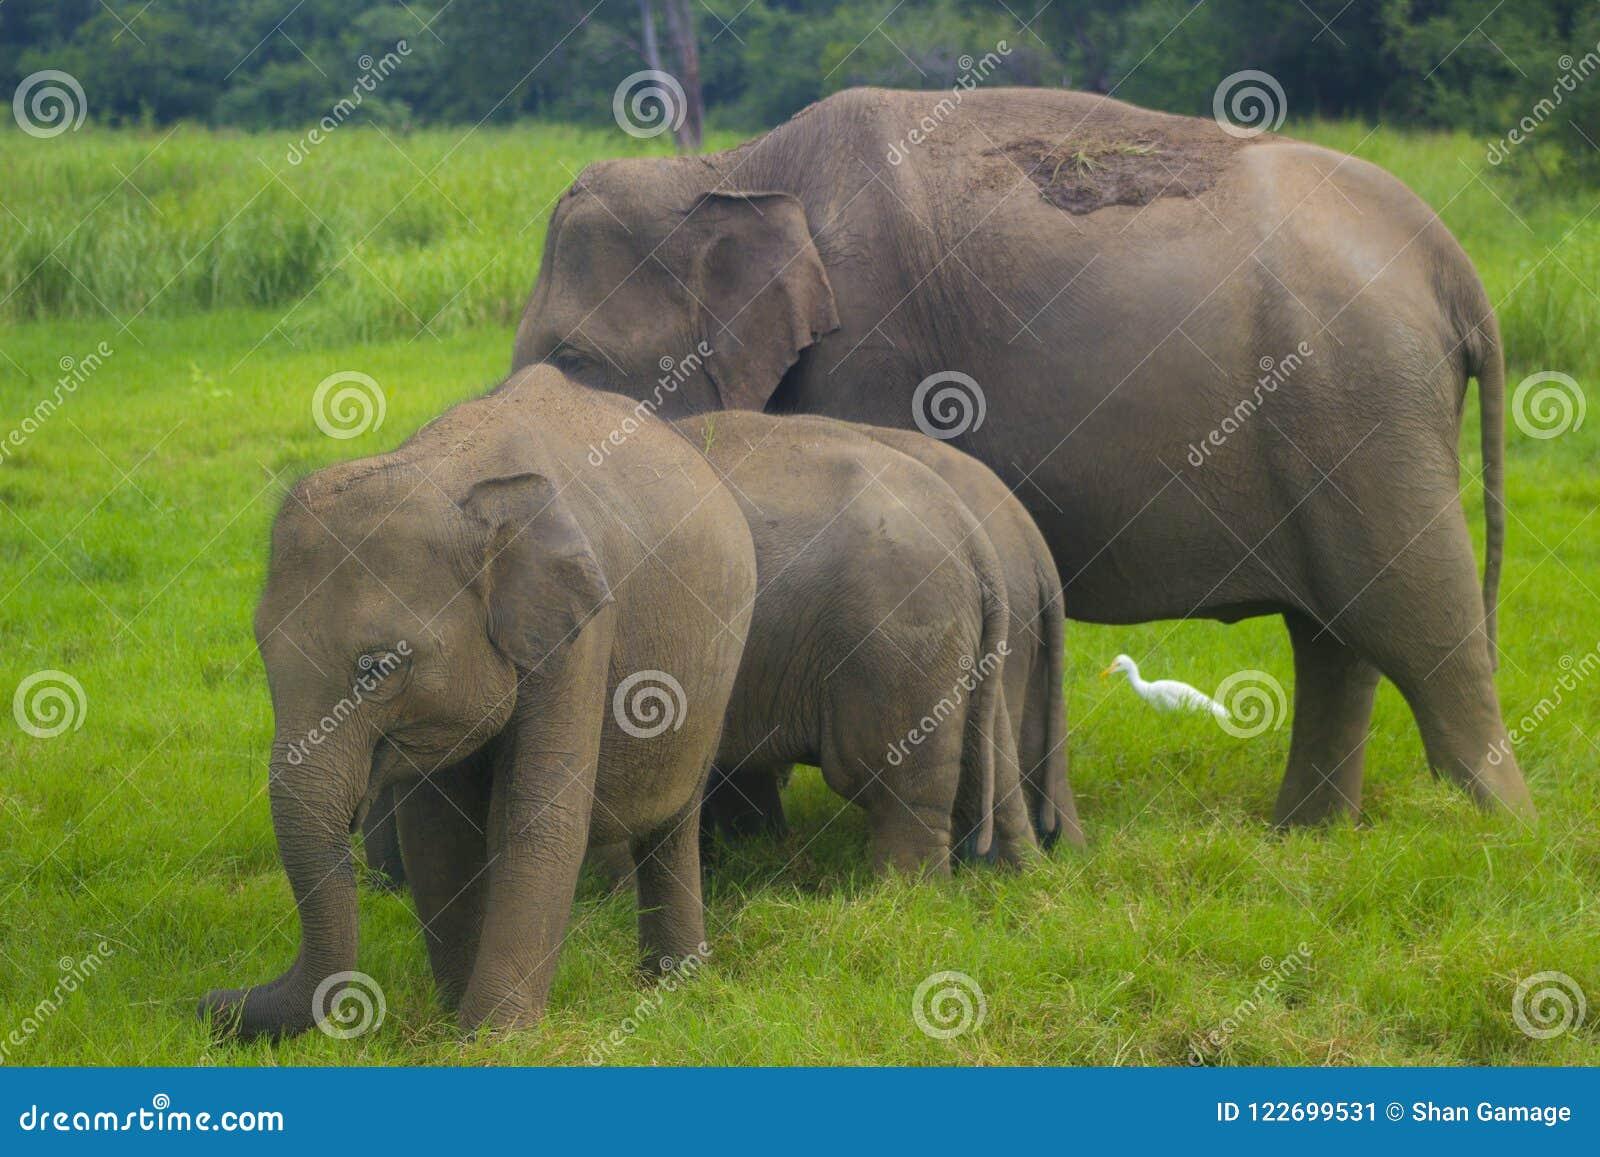 Parque nacional del minneriya salvaje asiático de Eliphant - de Sri Lanka